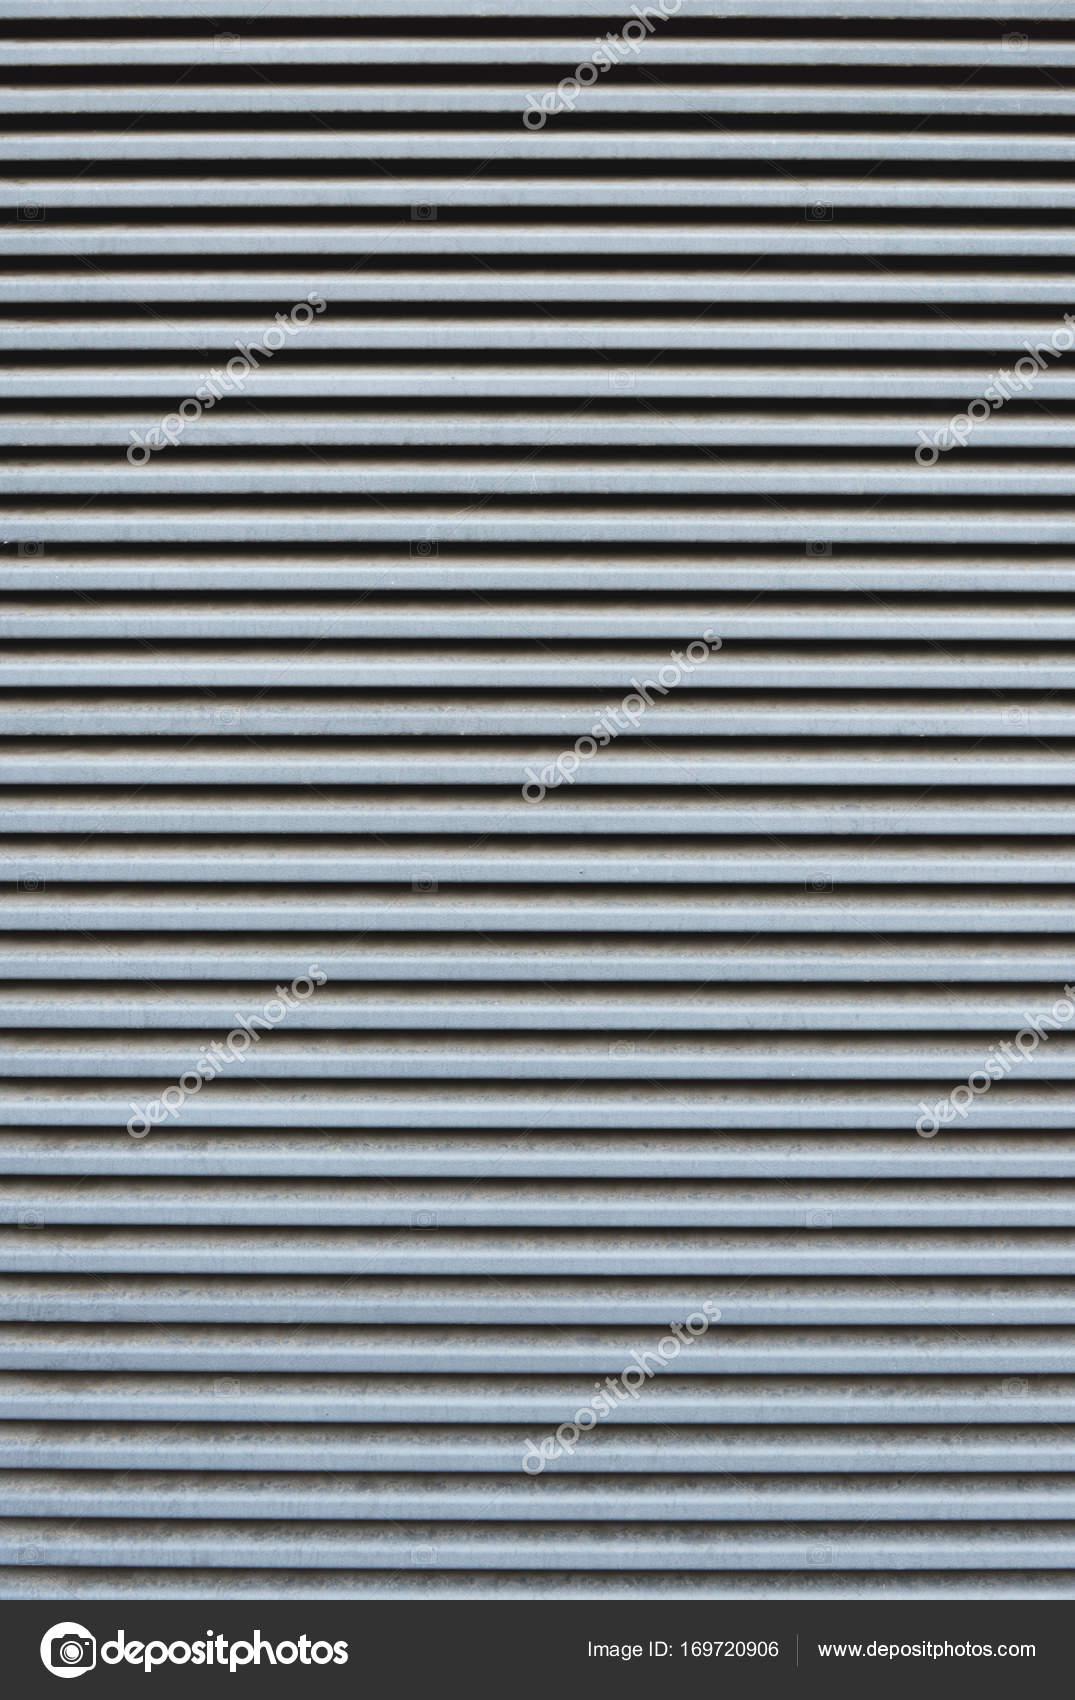 hoja de metal corrugada — Foto de stock © ViktoriaSapata #169720906